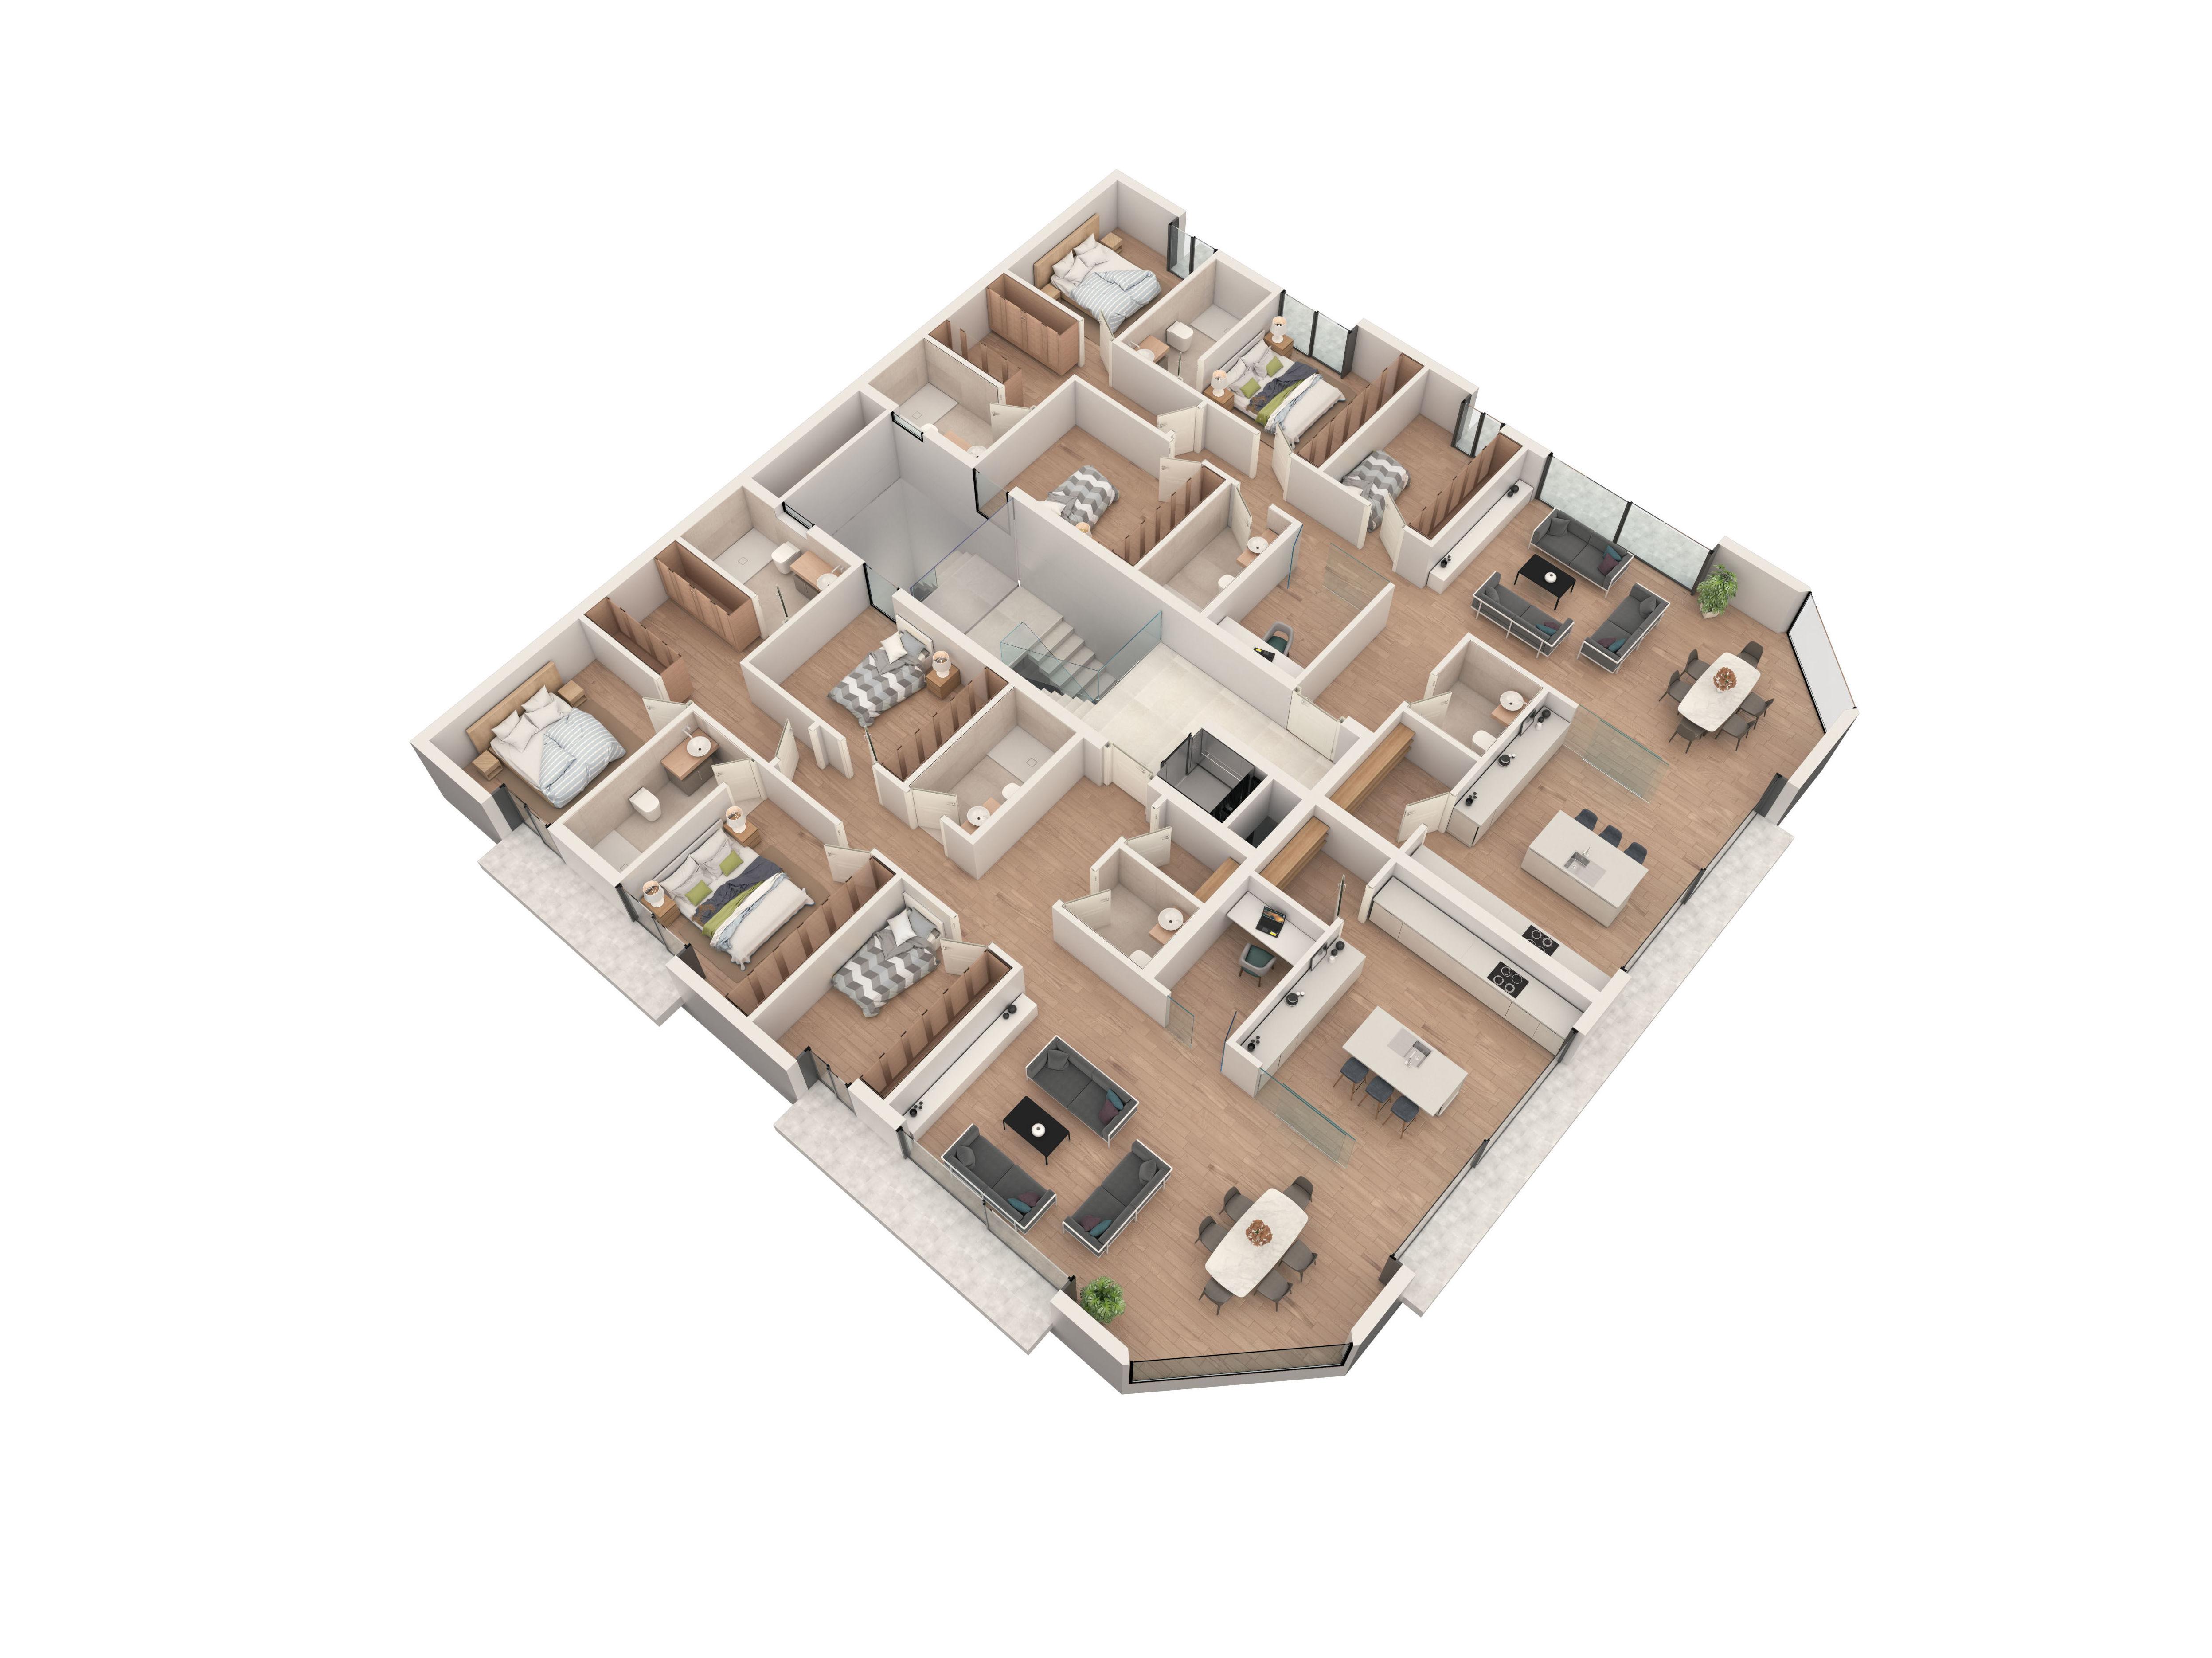 Edificio de viviendas. Planta de 2 viviendas.